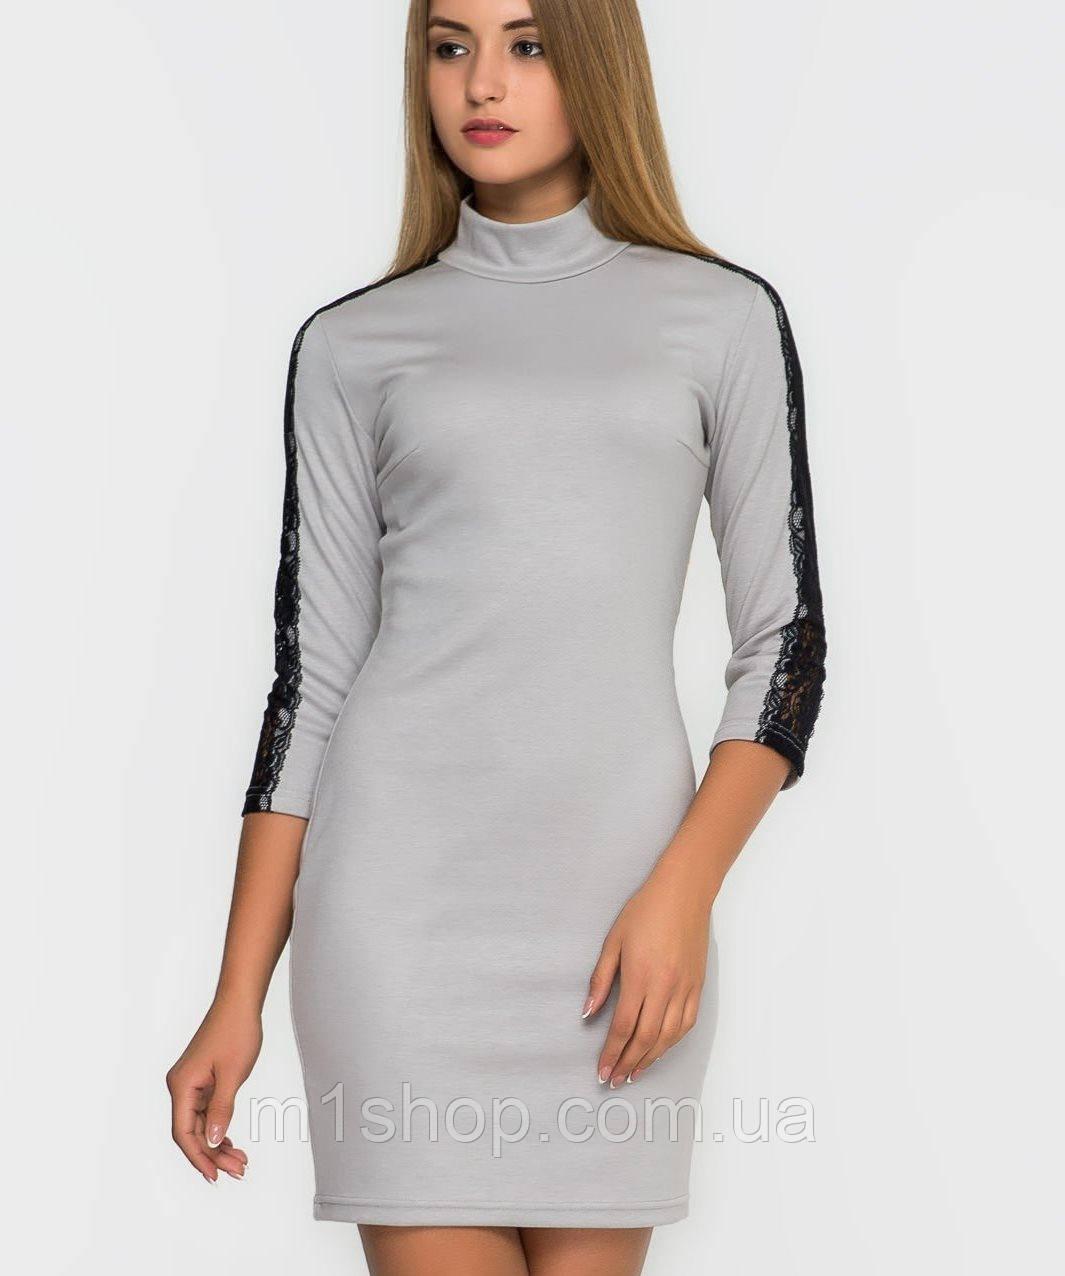 Женское платье с гипюром на рукавах (2154 sk)